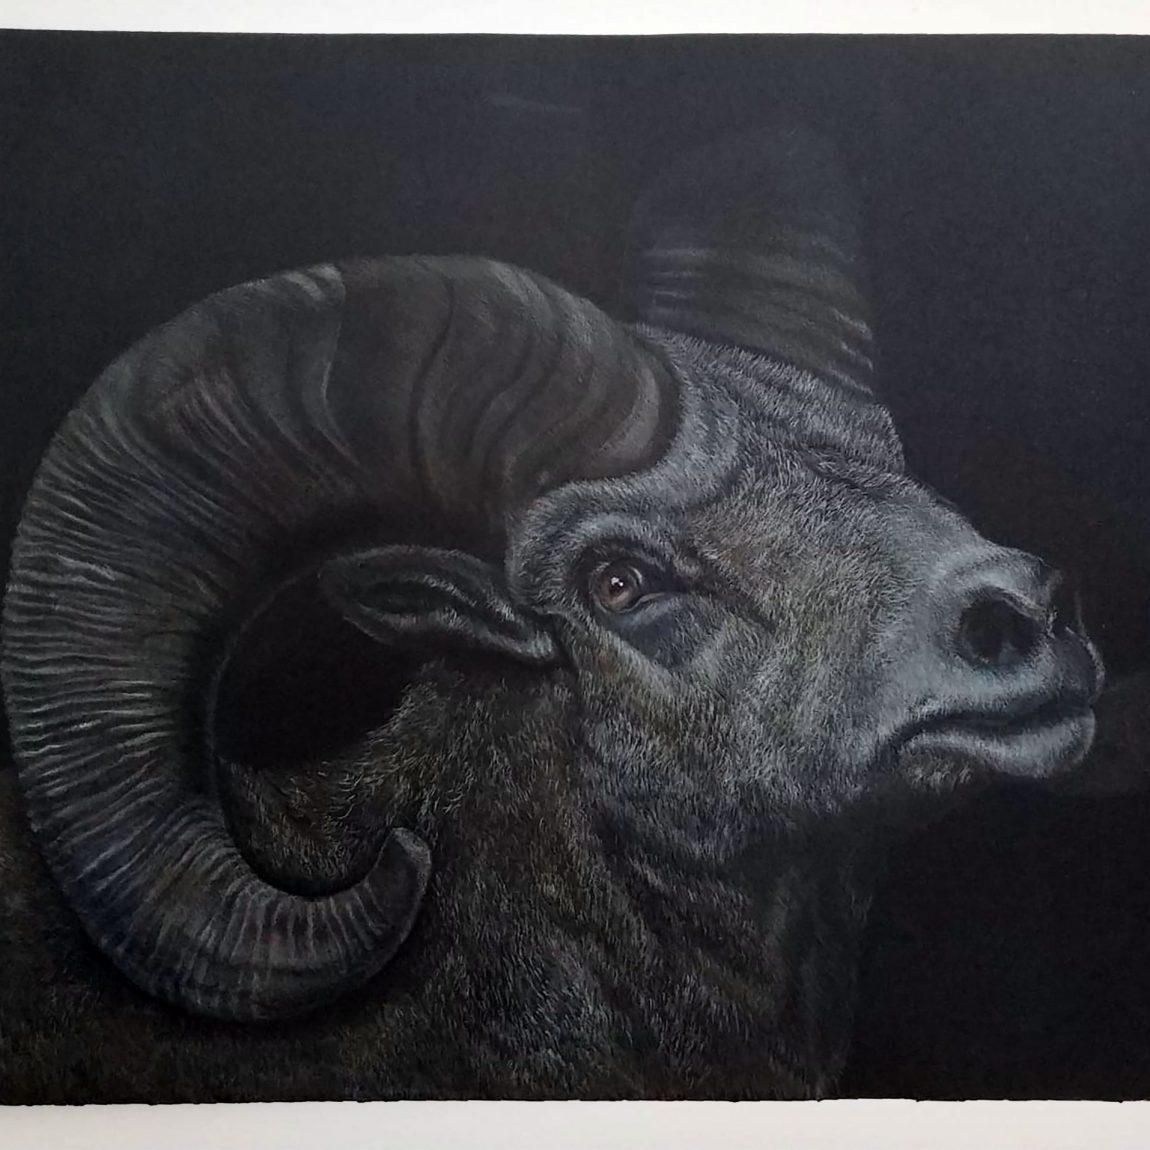 Karanlıkta Eriyen Koyun- 2021 Teknik: Kuru Boya Ölçü: 35x50 cm